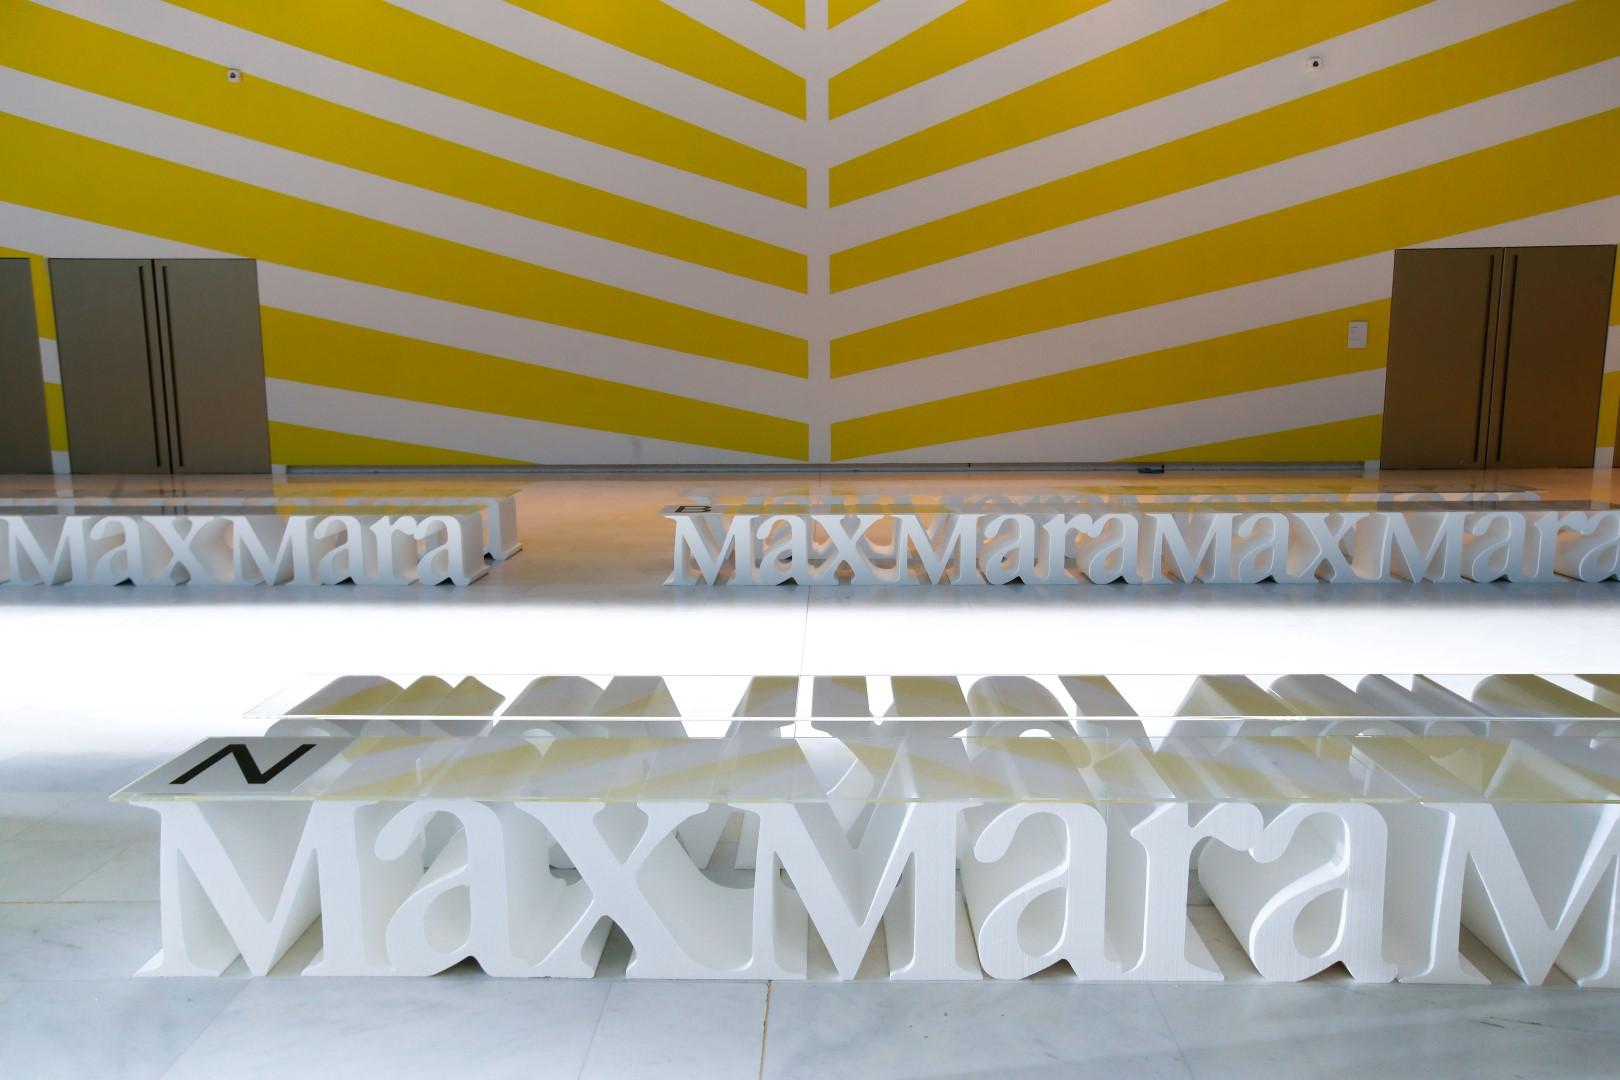 Max Mara autunno inverno 2019